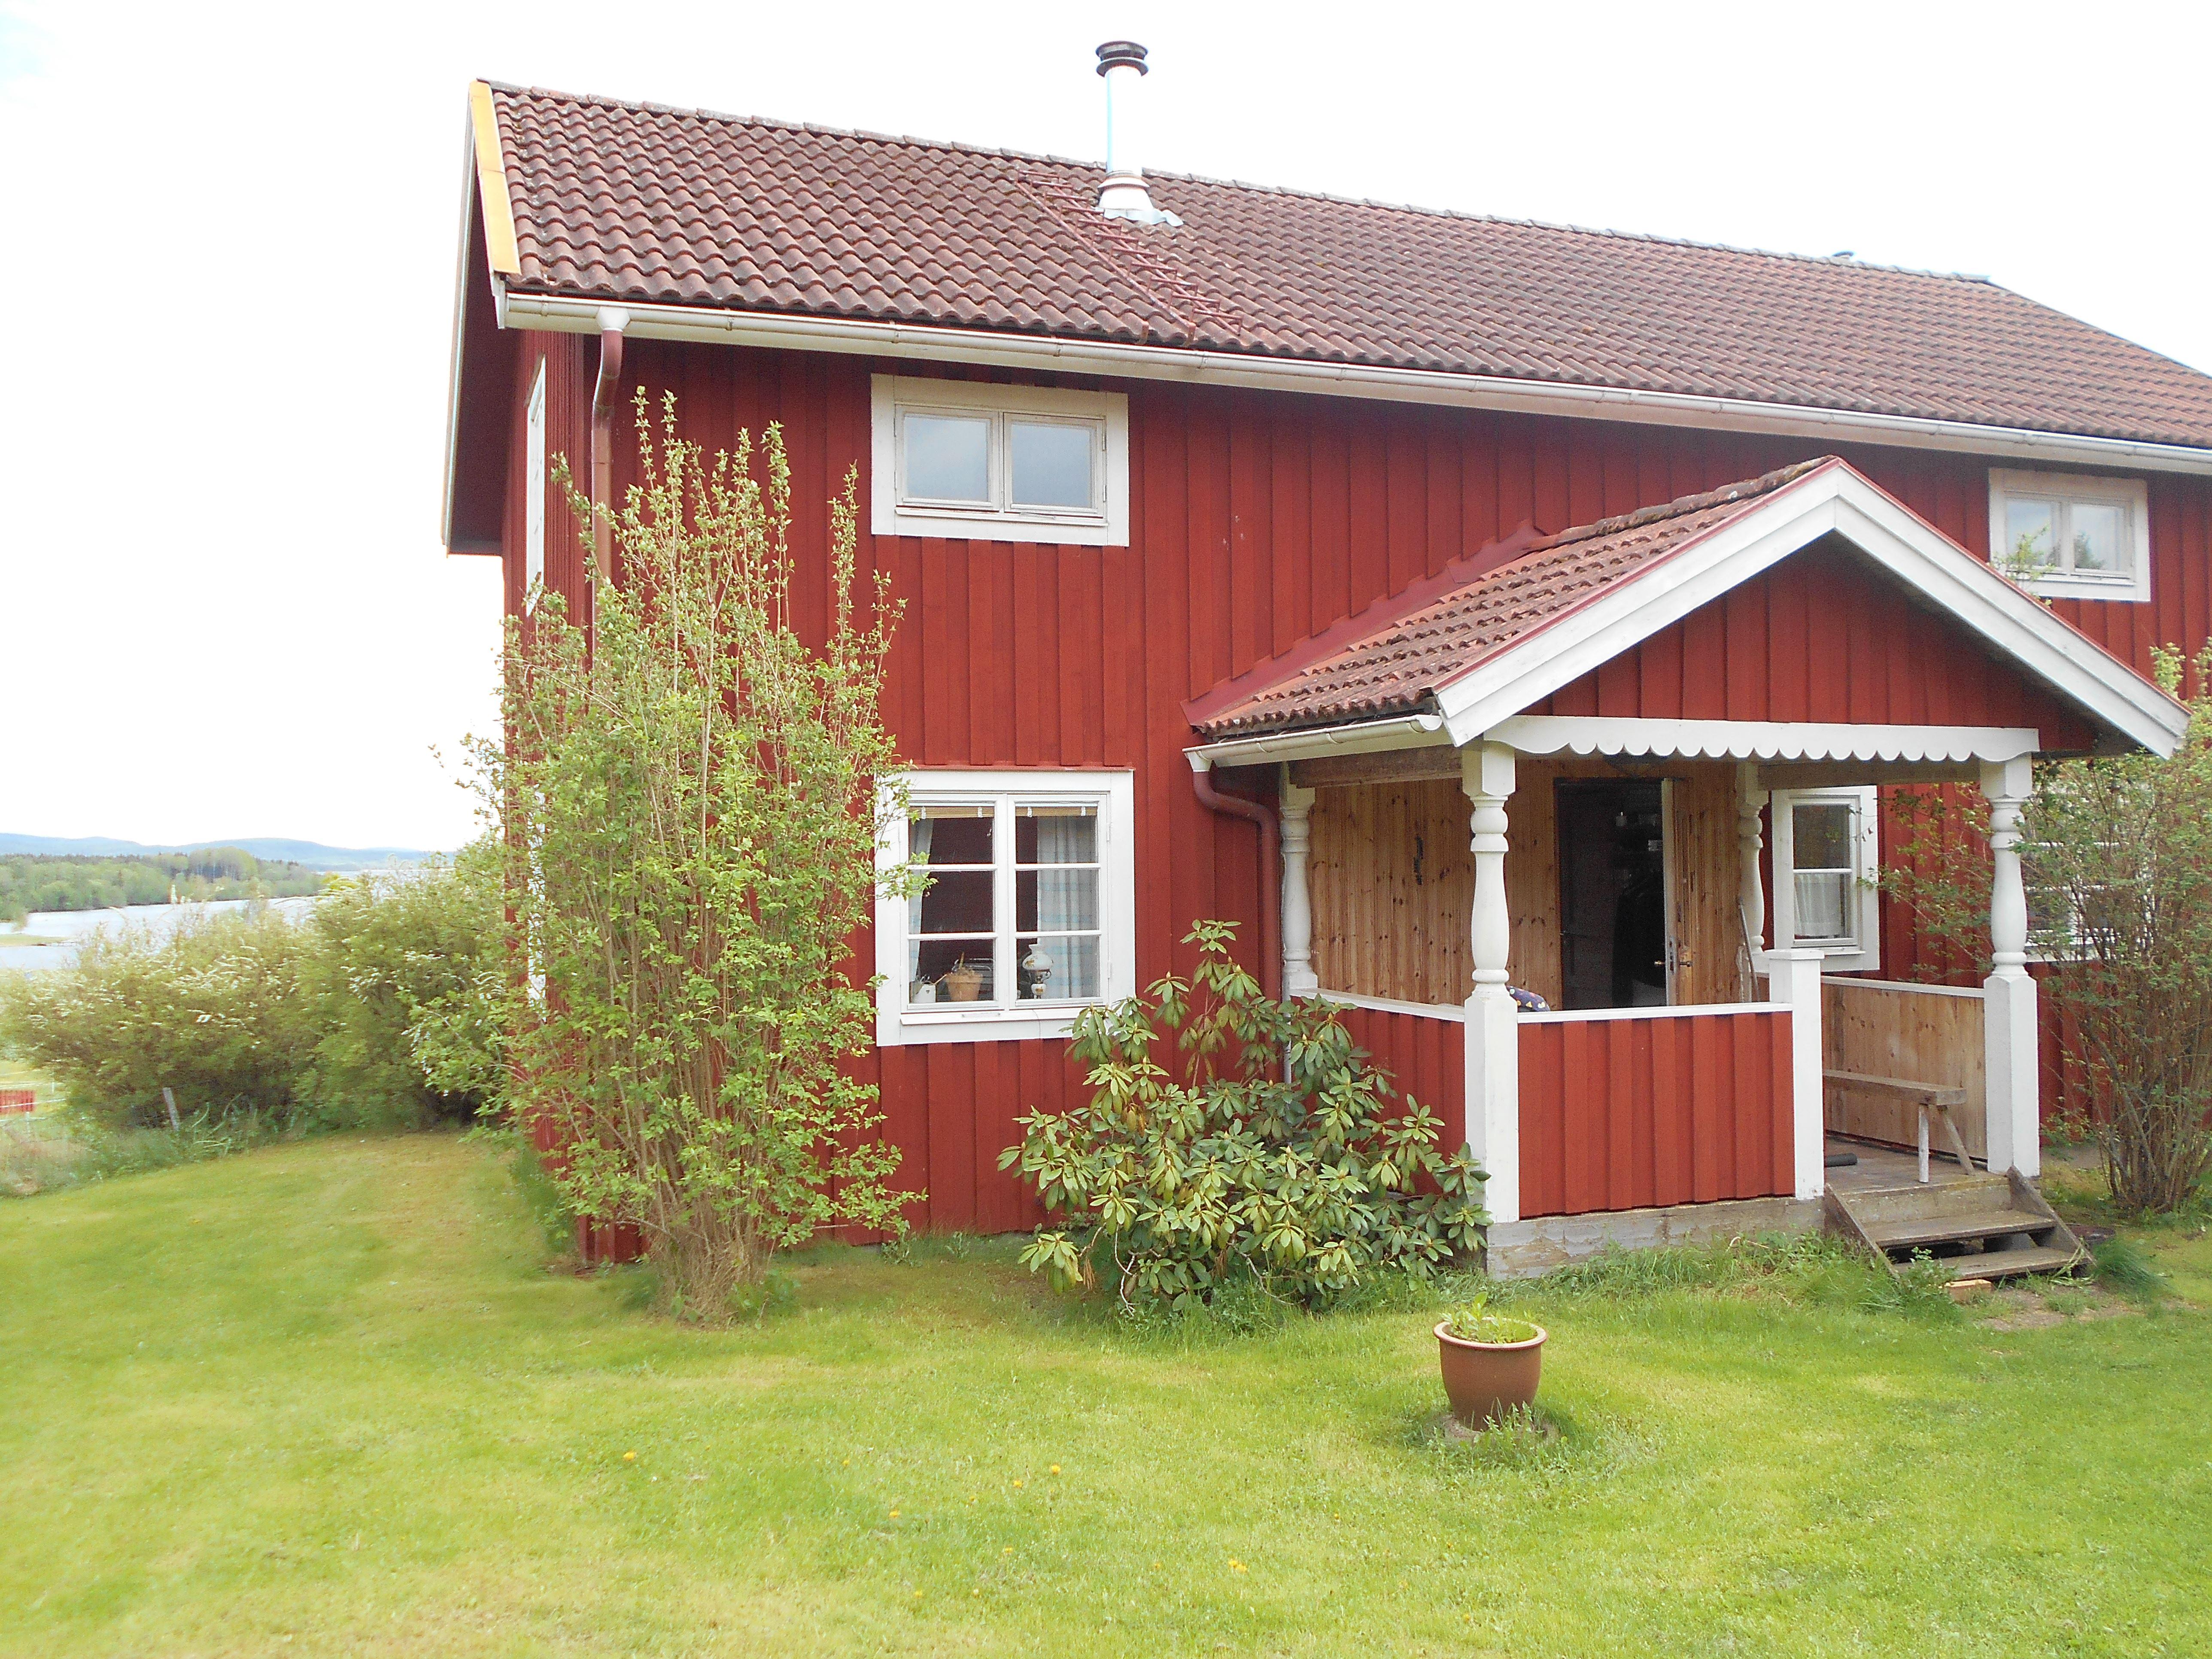 L409 Ullvi, 5 km SÖ Leksand